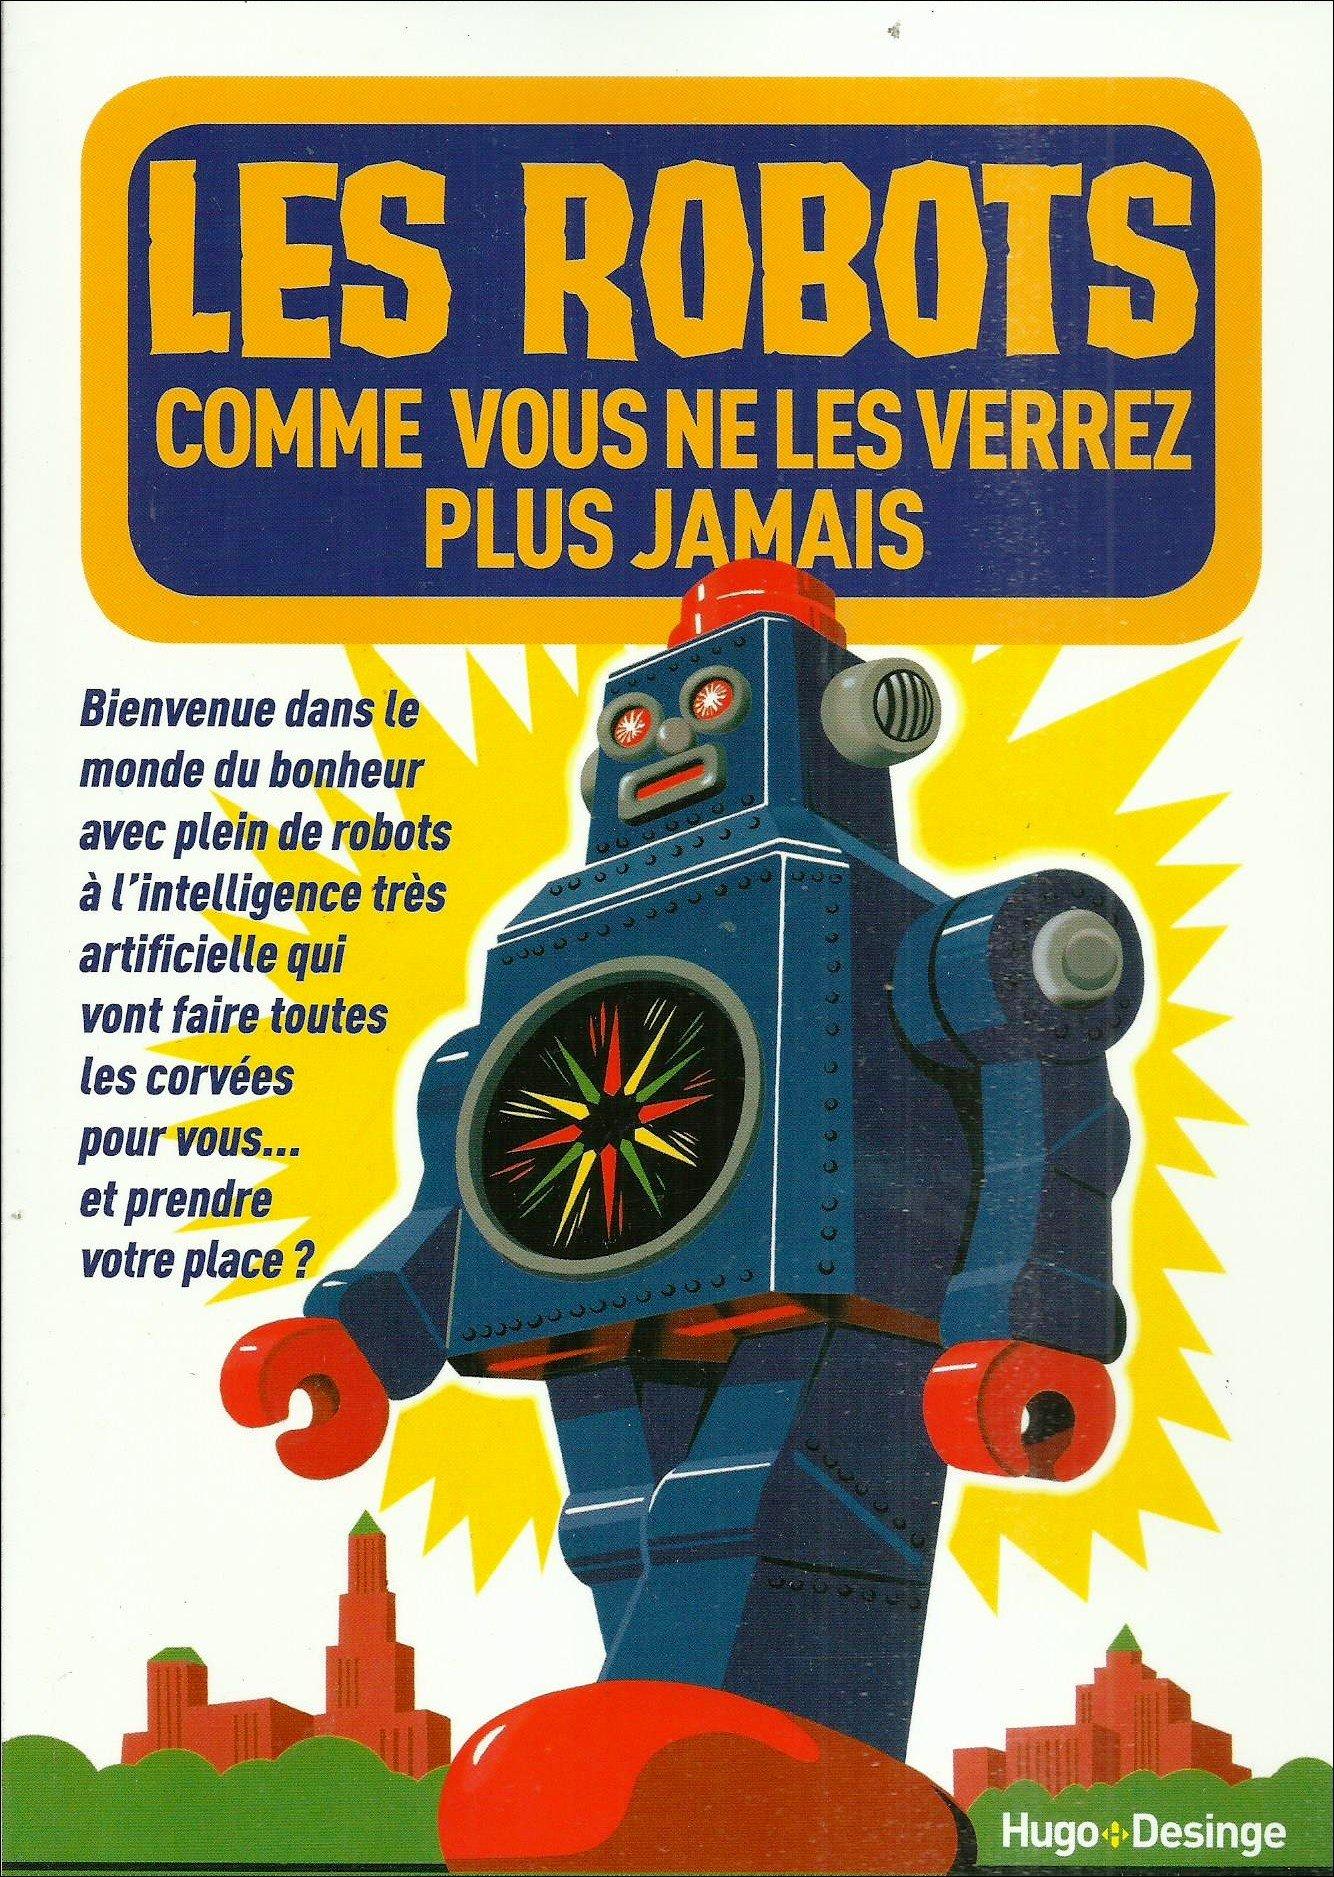 les robots comme vous ne les verrez plus jamais